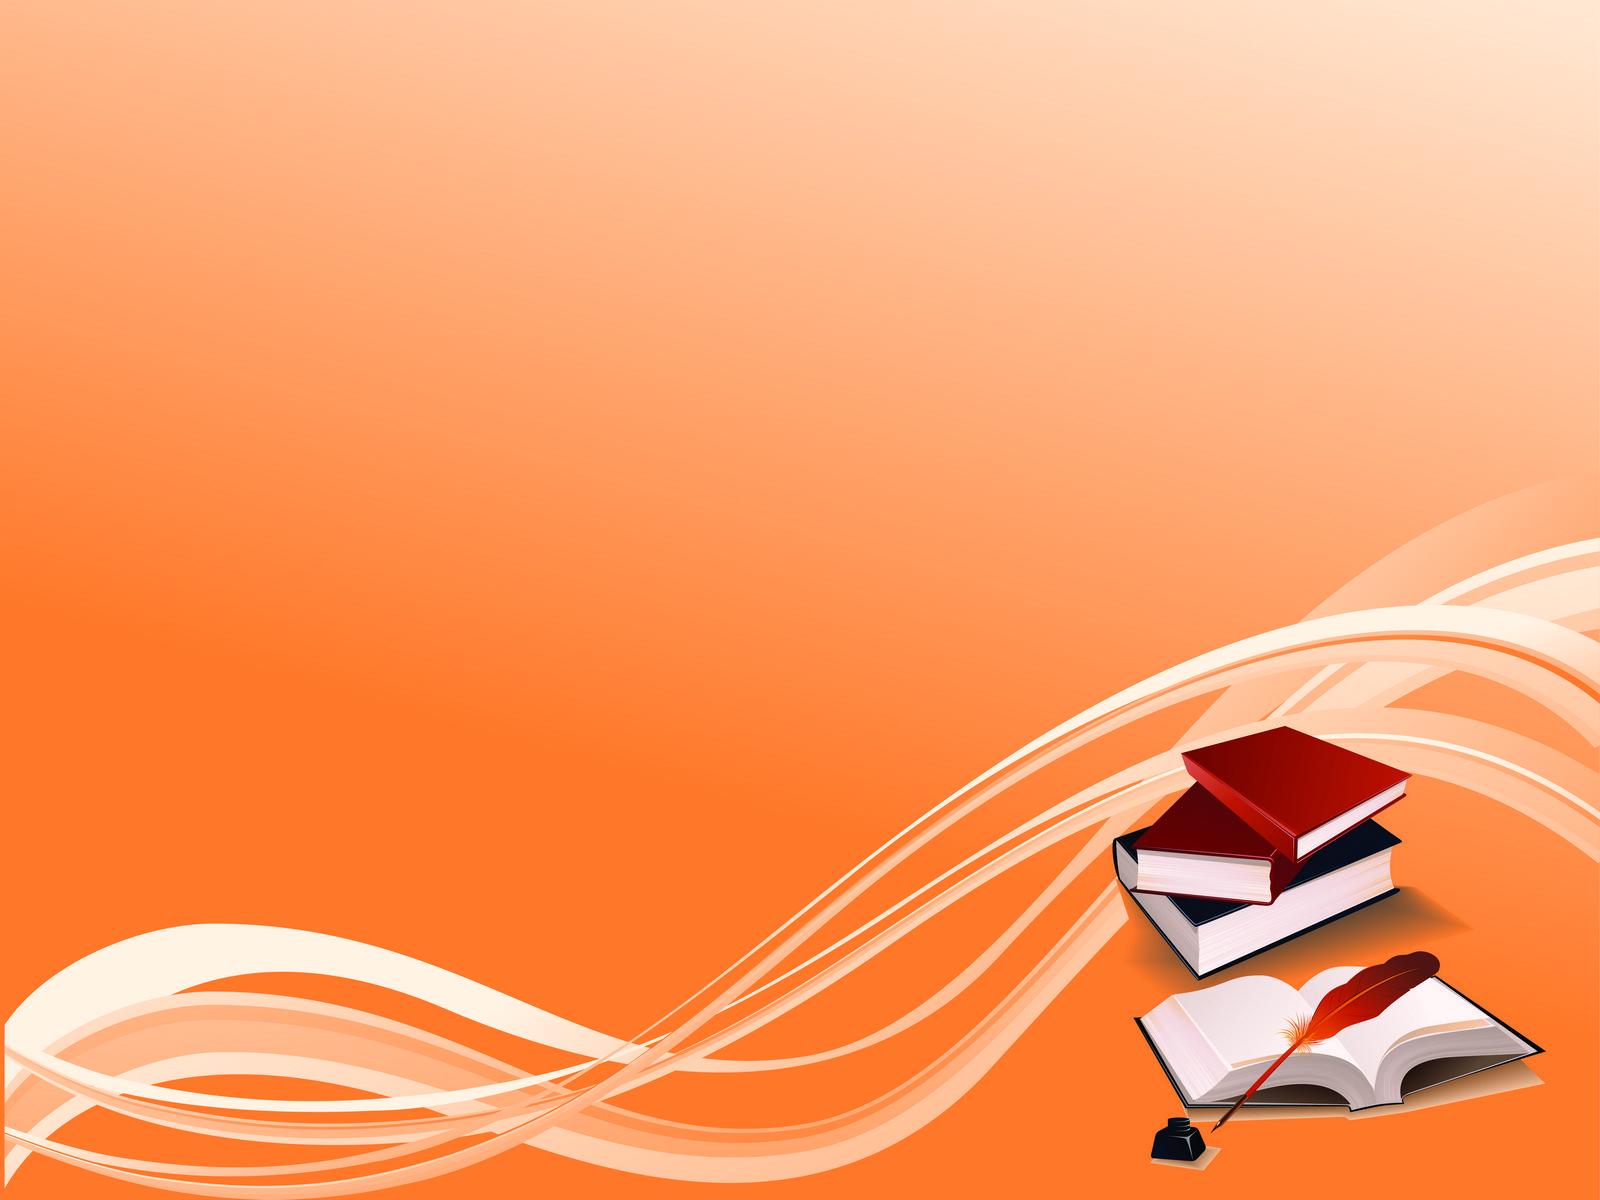 Books On Orange Bg PPT Backgrounds